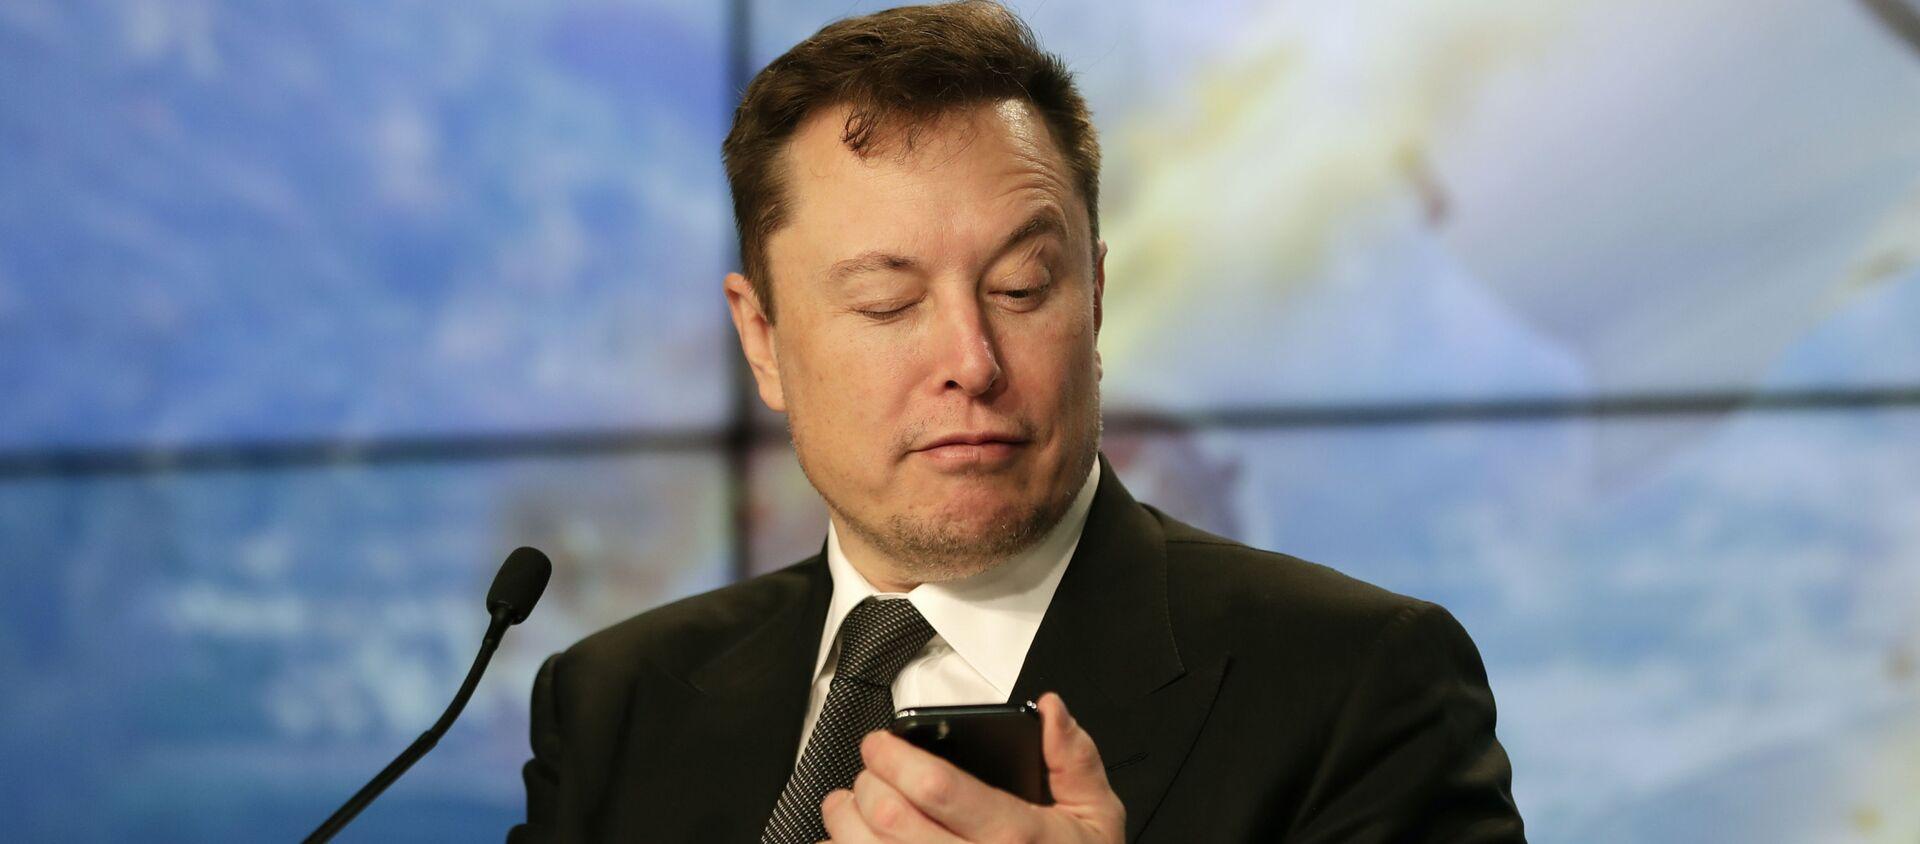 Elon Musk fondatore e CEO di Tesla e SpaceX - Sputnik Italia, 1920, 22.02.2021